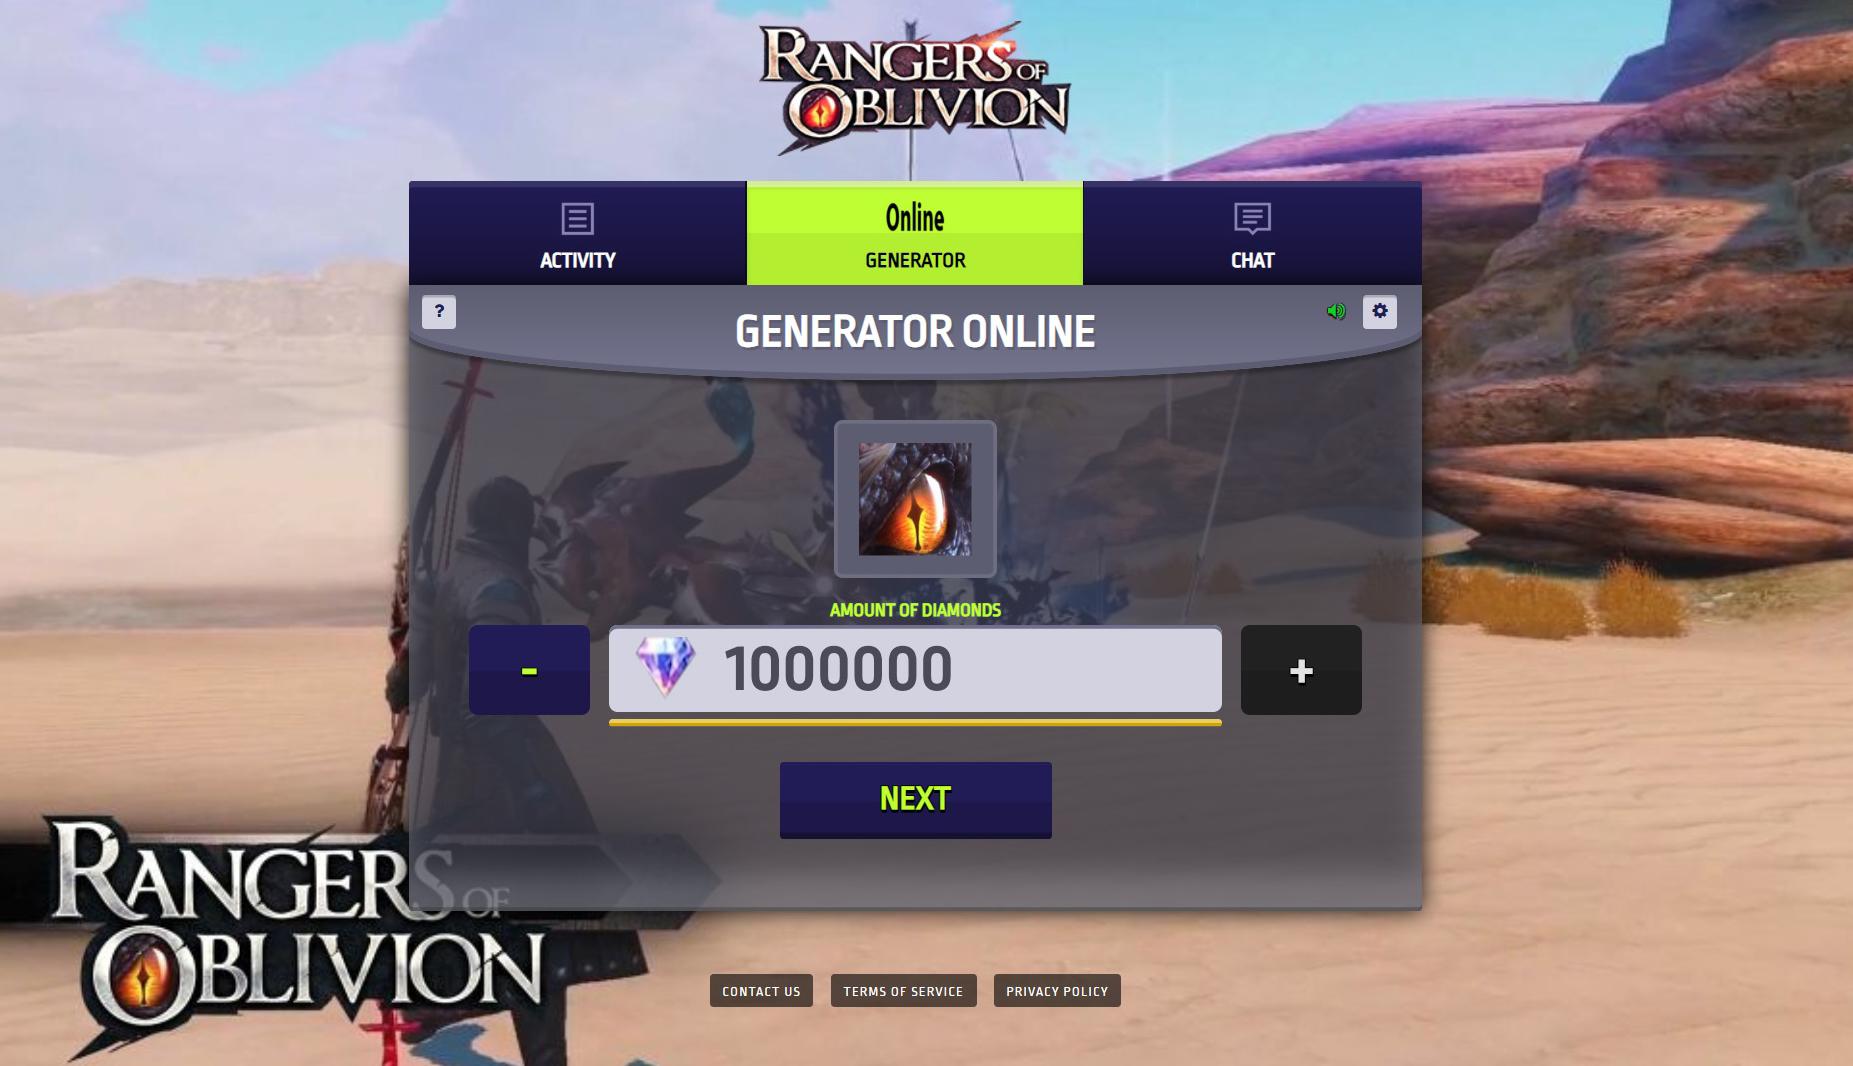 rangers-of-oblivion-hack